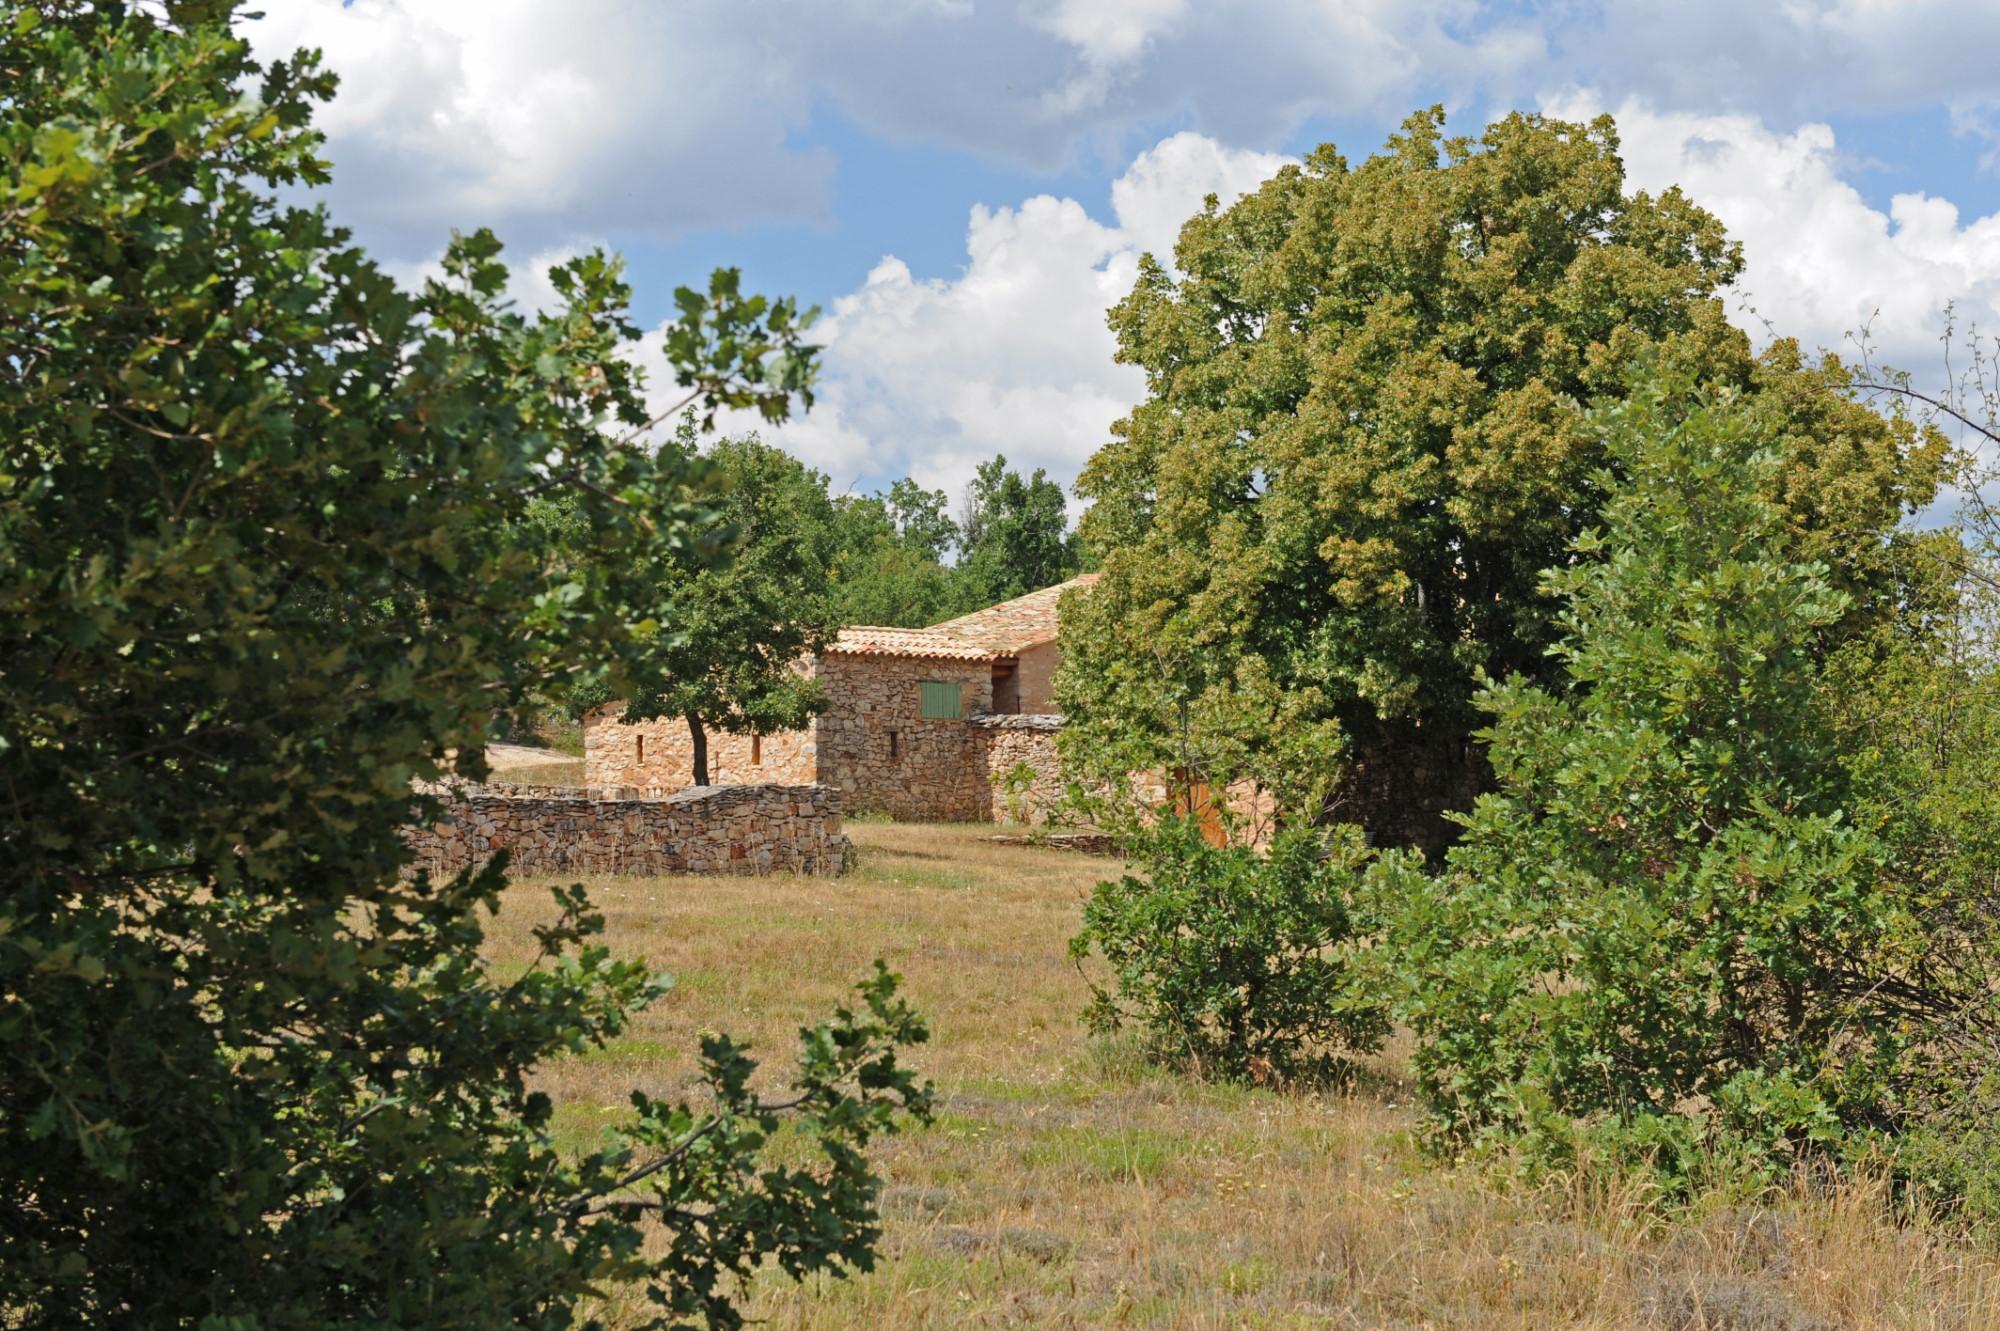 En vente dans les Monts du Vaucluse,  ferme provençale restaurée sur 35 hectares